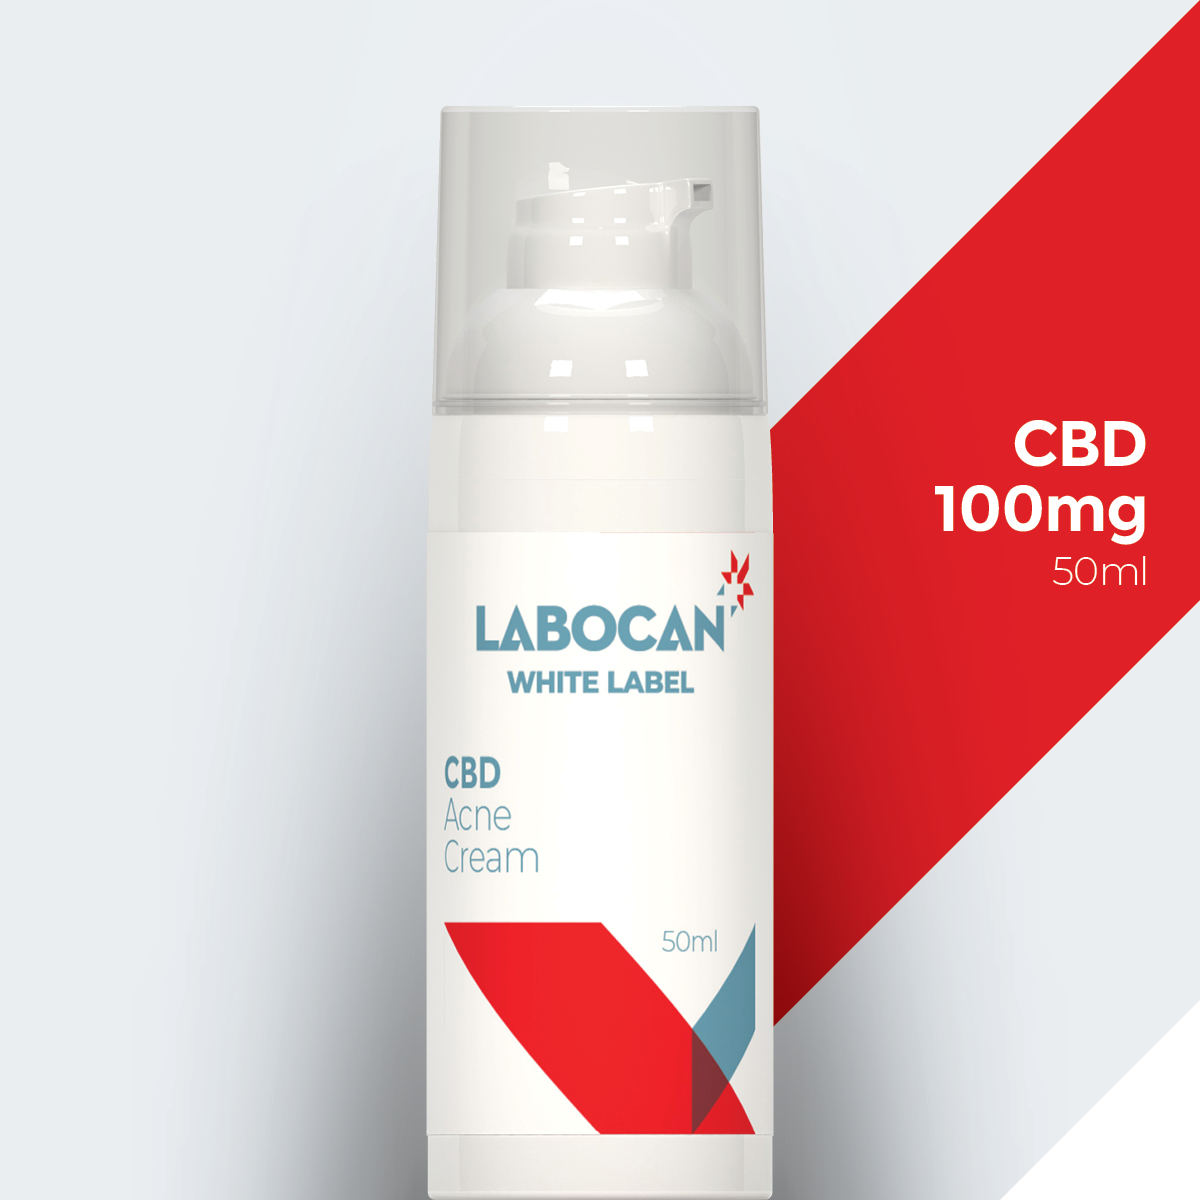 White Label CBD Acne Crème